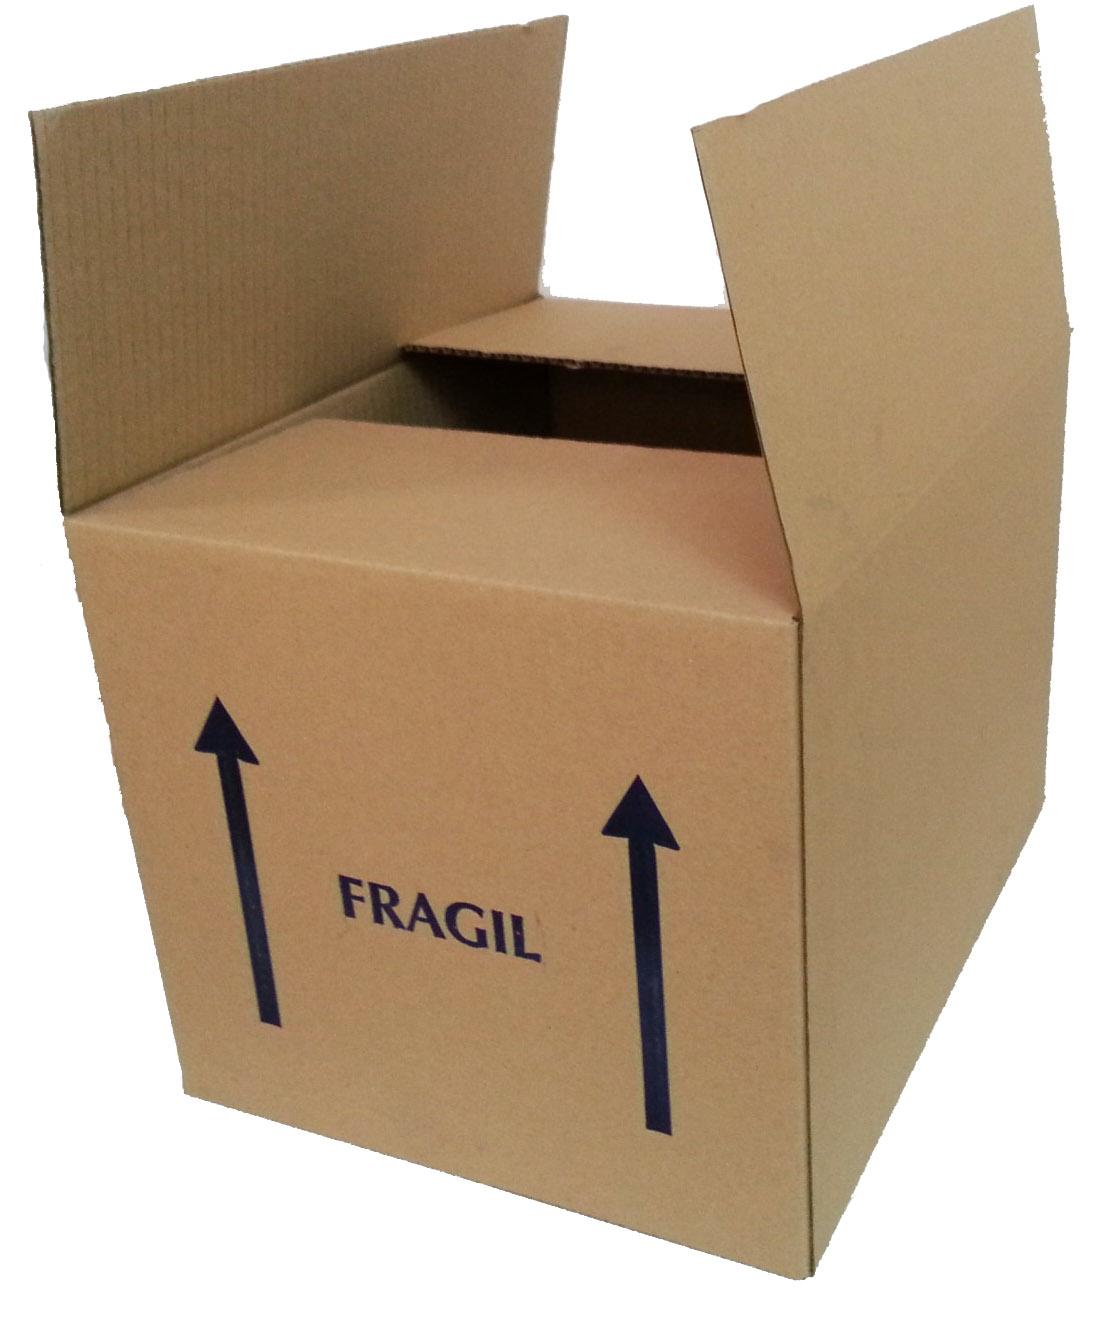 Cajas de cart n para mudanzas cartonajes mesa for Cajas de carton para mudanzas